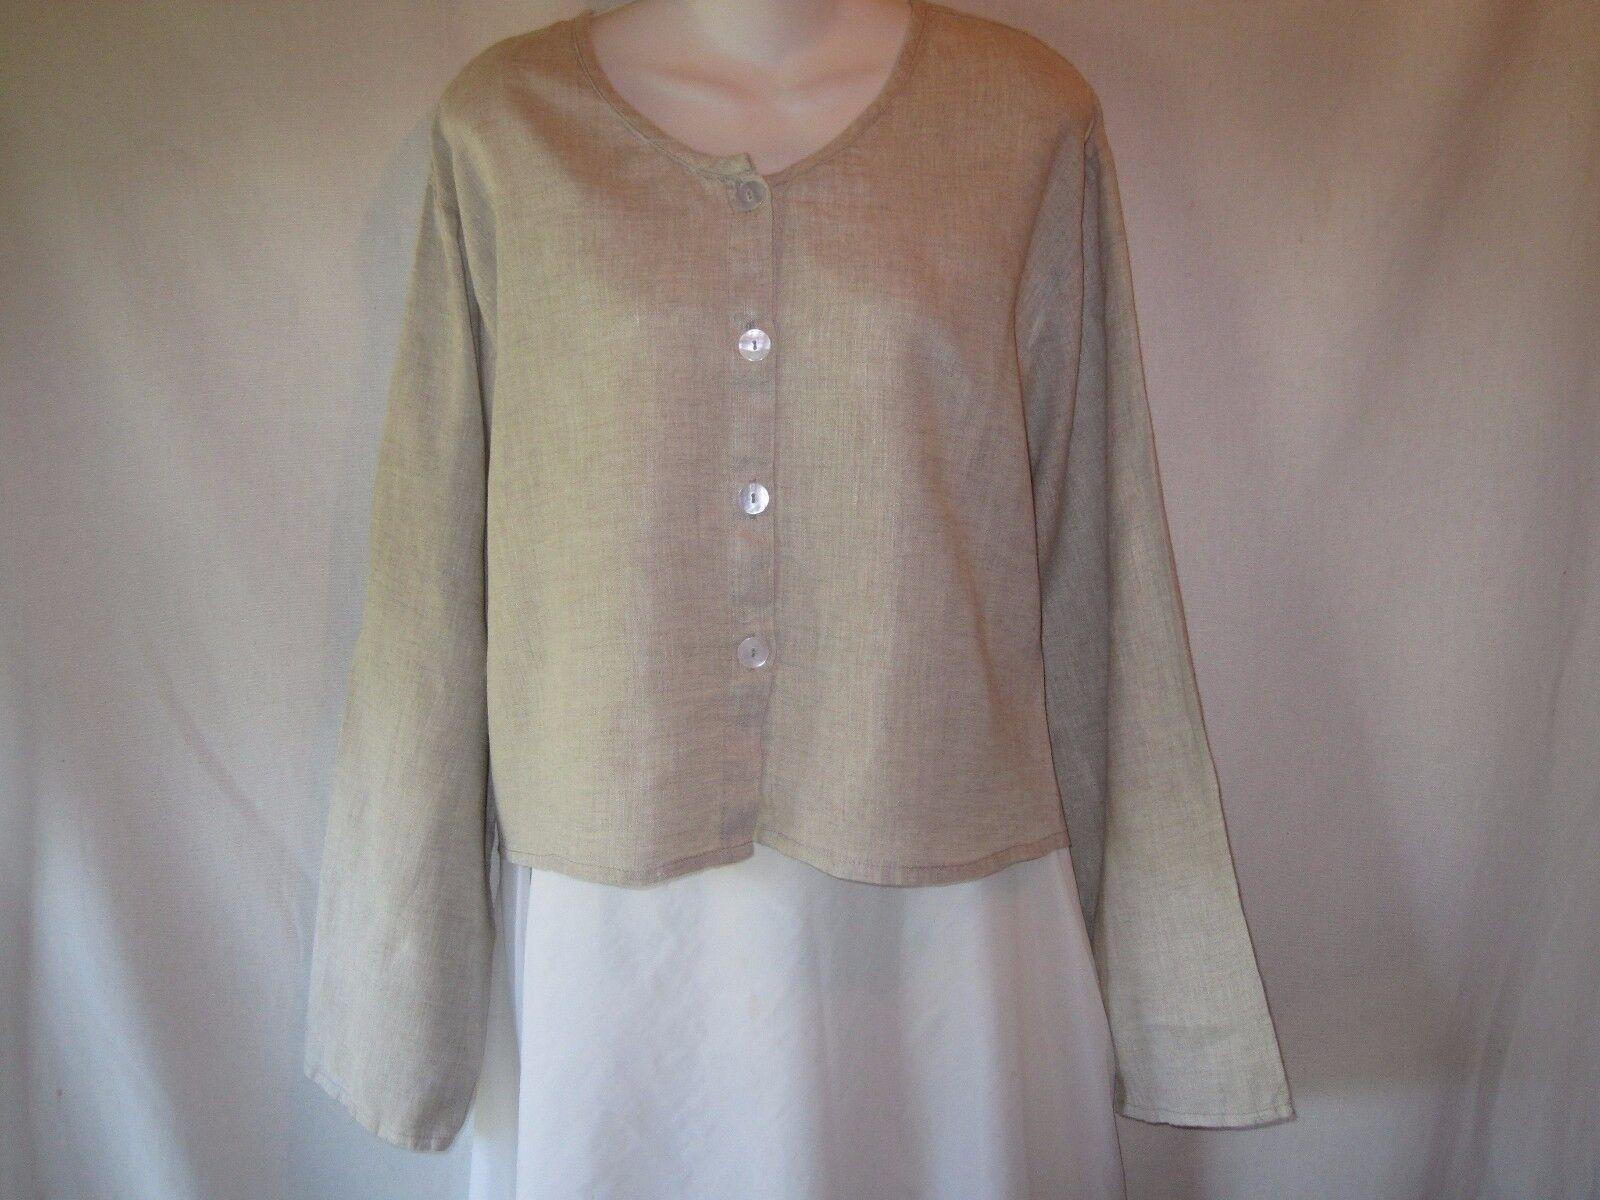 FLAX Jeanne Engelhart Natural Linen Boxy Button Front Shirt Jacket Lagenlook L